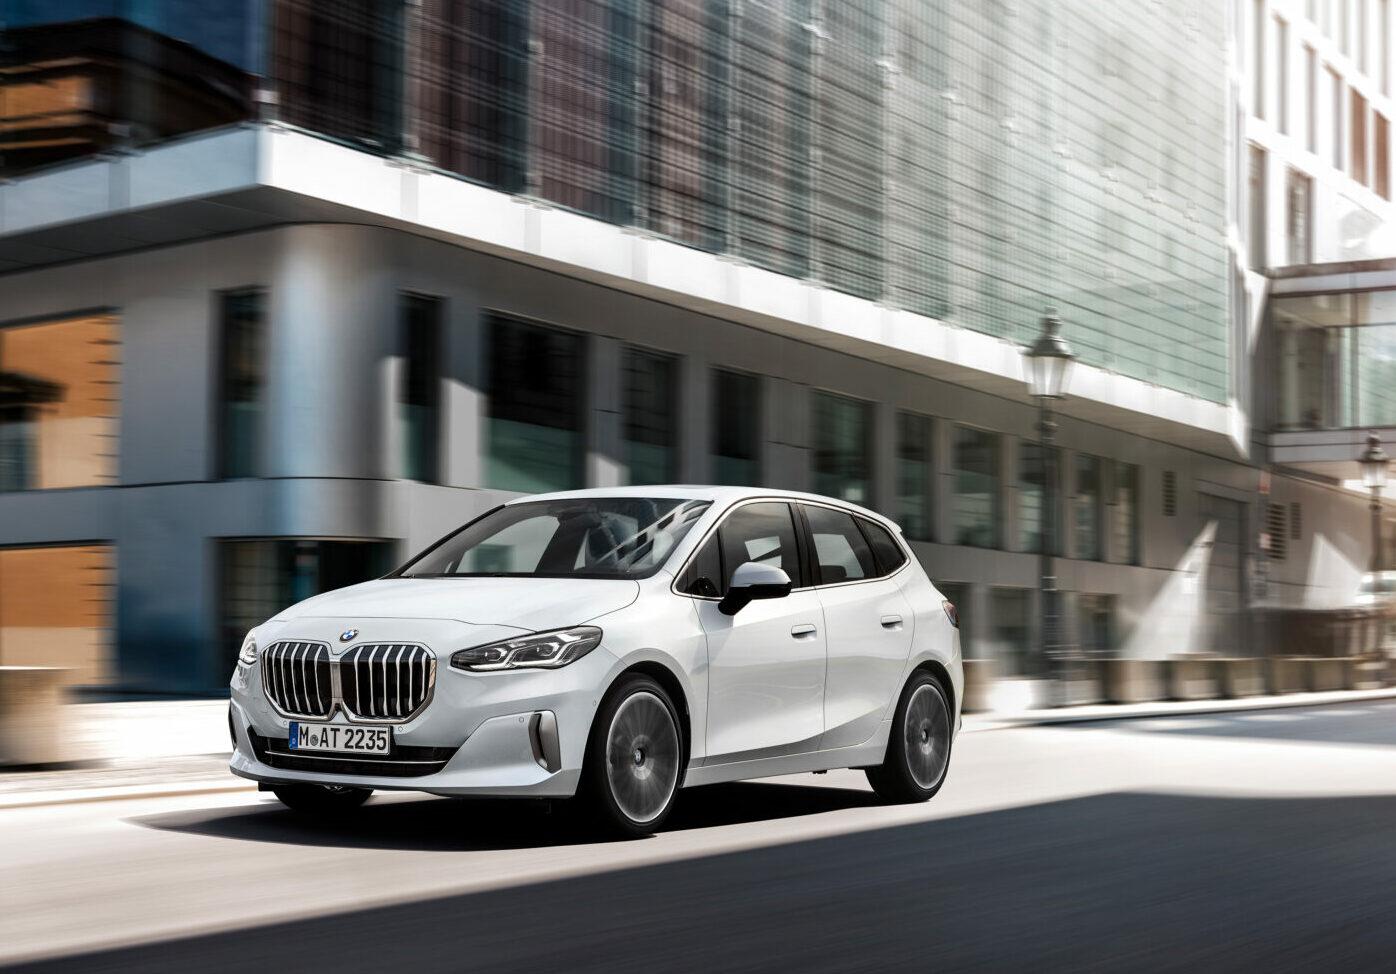 Nuevo BMW Serie 2 Active Tourer: más moderno, tecnológico y con nuevas versiones híbridas enchufables